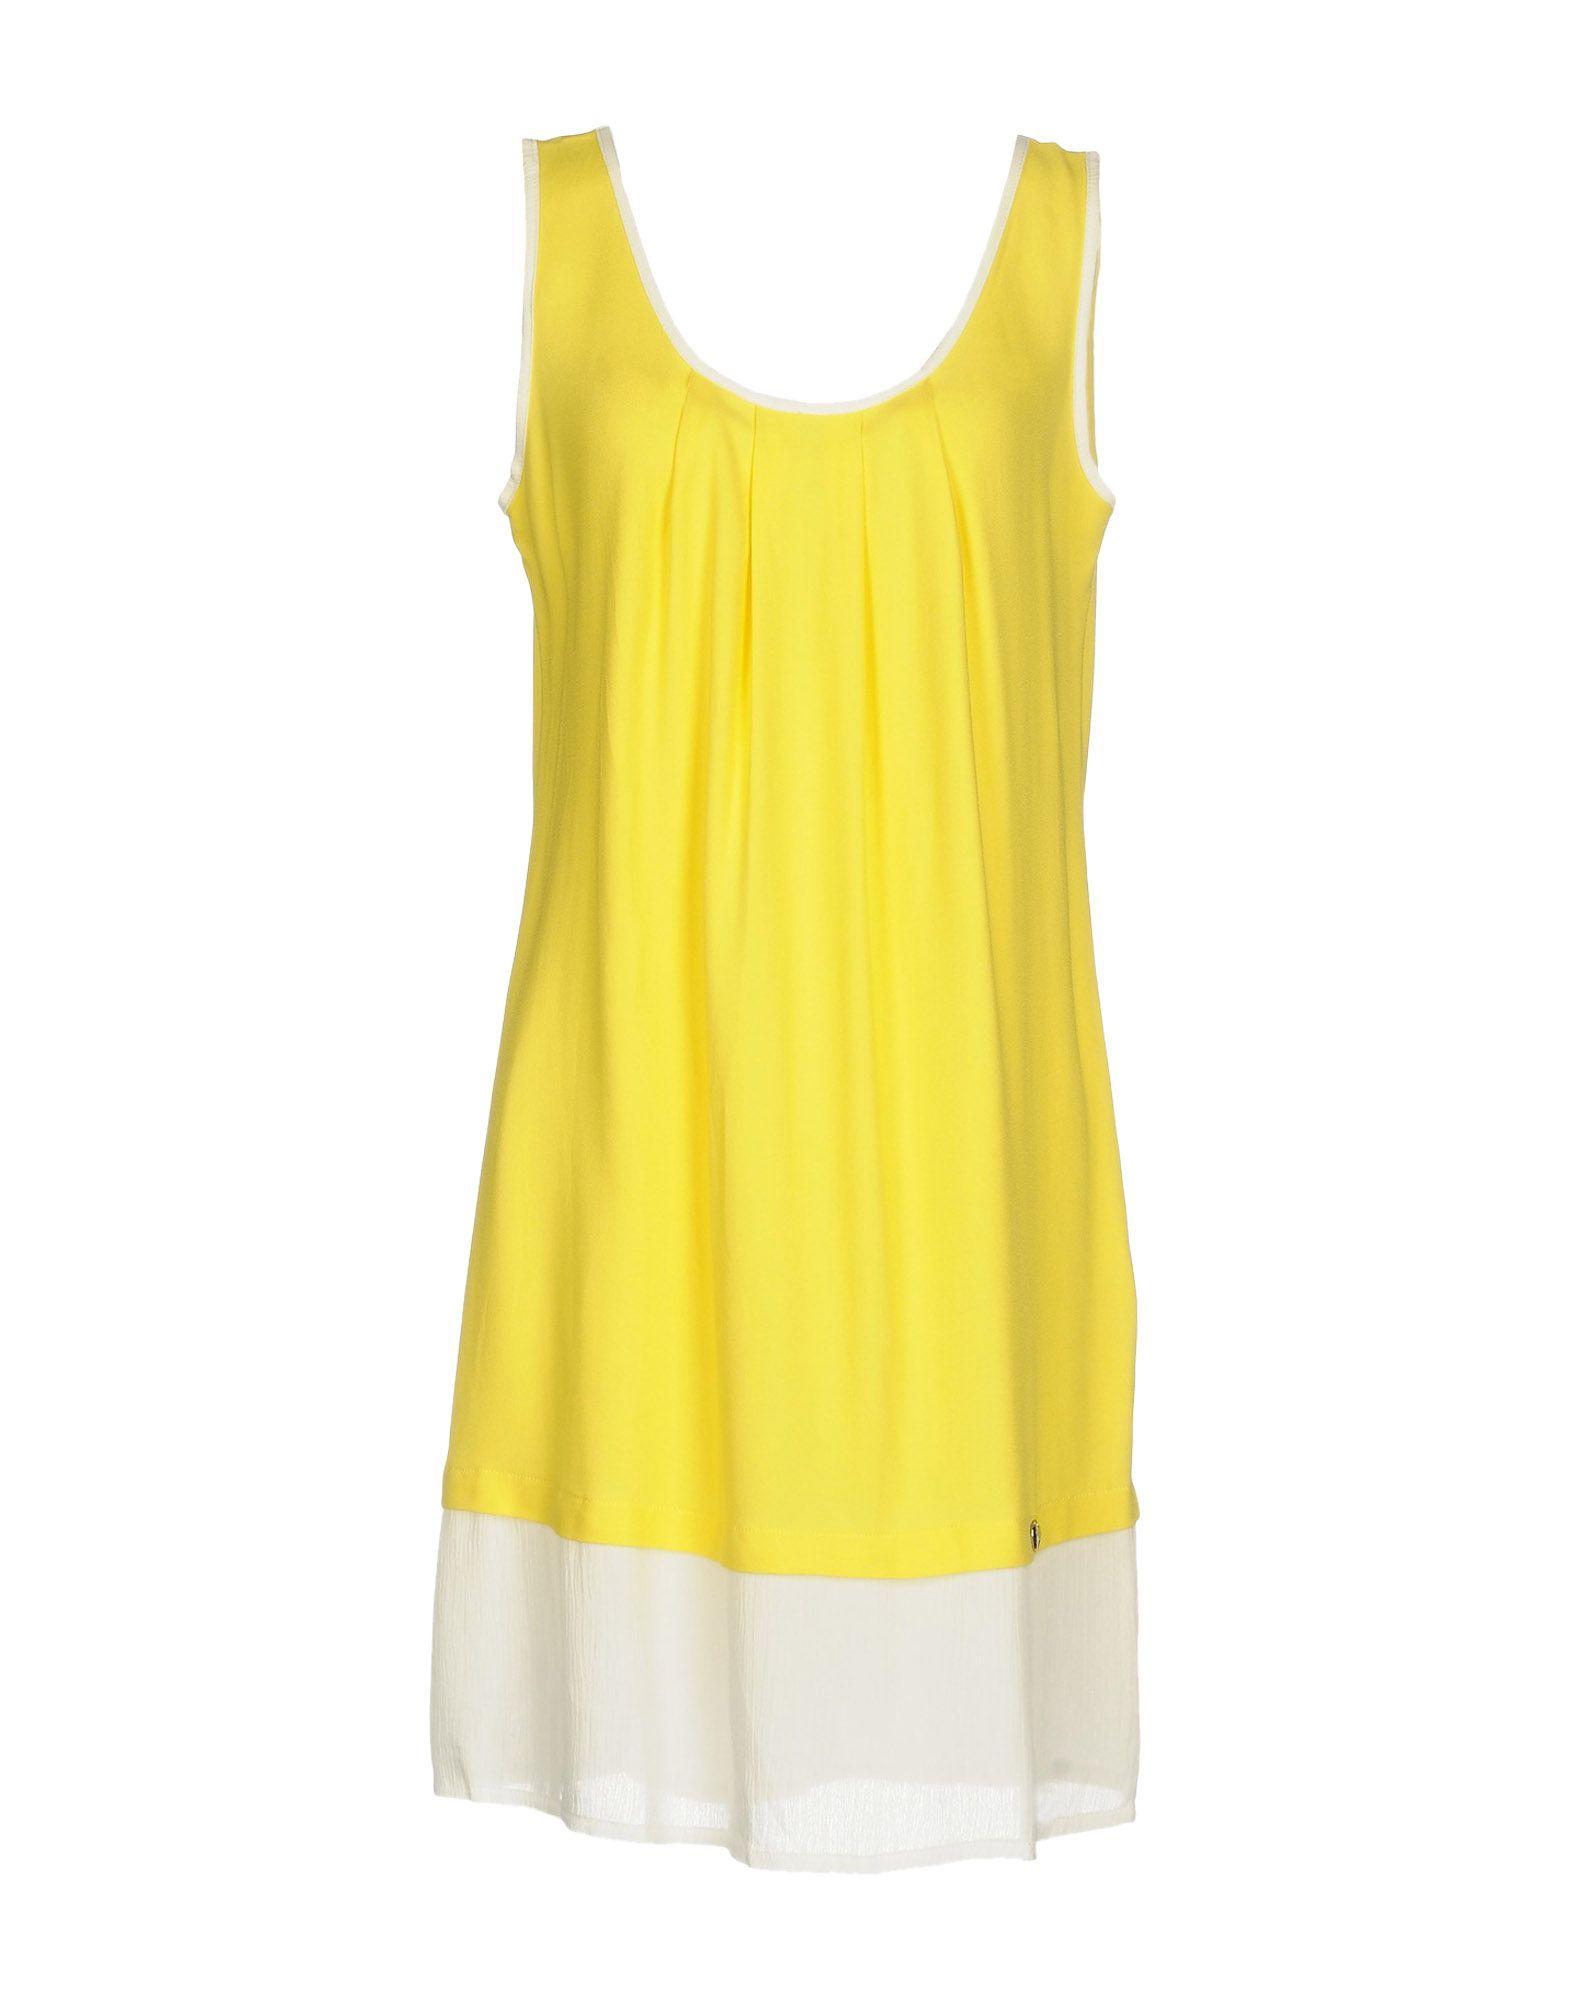 CAFèNOIR Damen Kurzes Kleid Farbe Gelb Größe 3